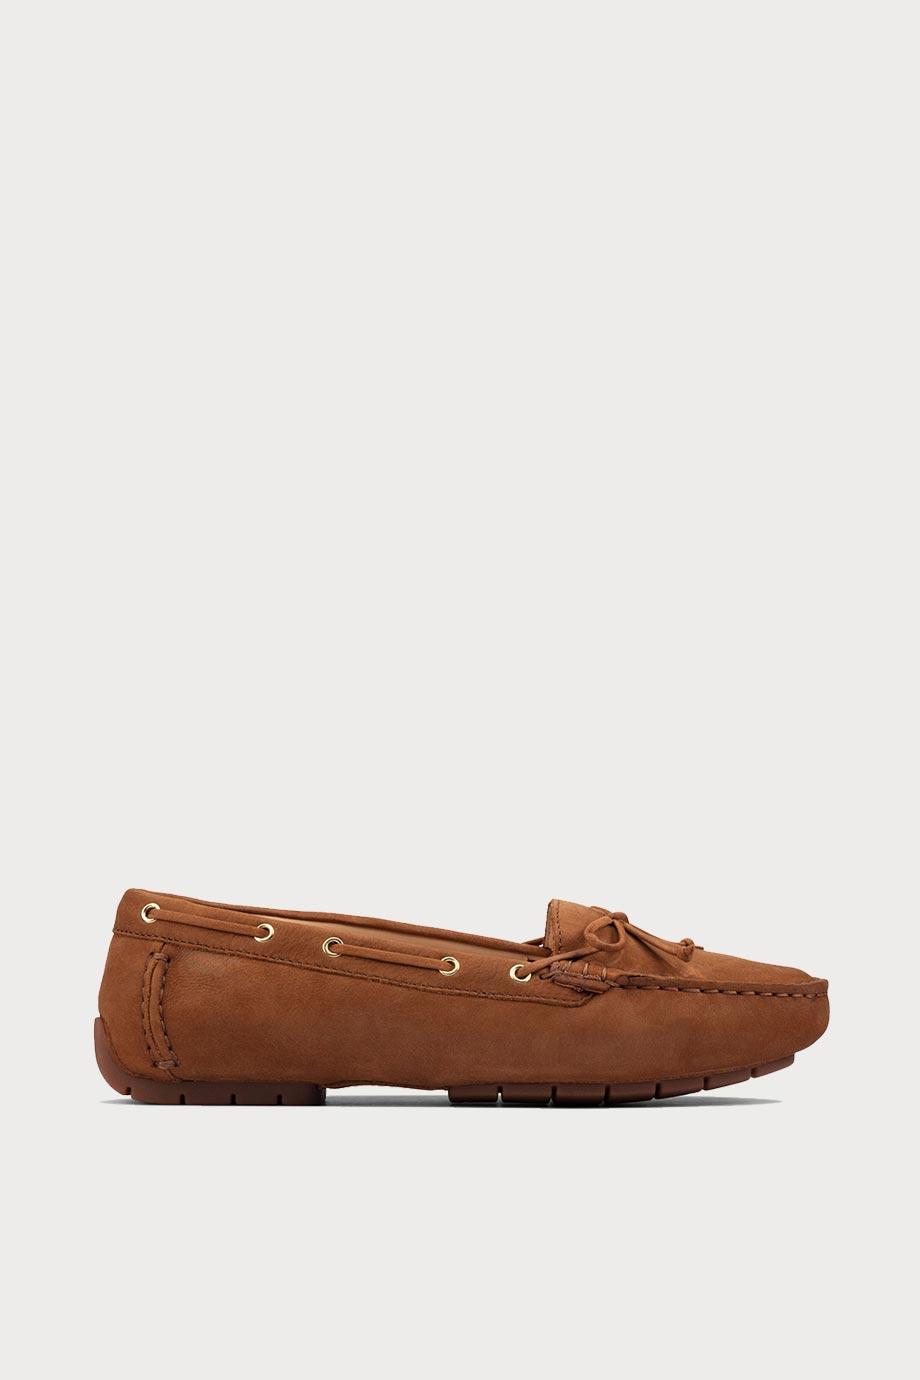 spiridoula metheniti shoes xalkida p c mocc boat 2 tan leather clarks